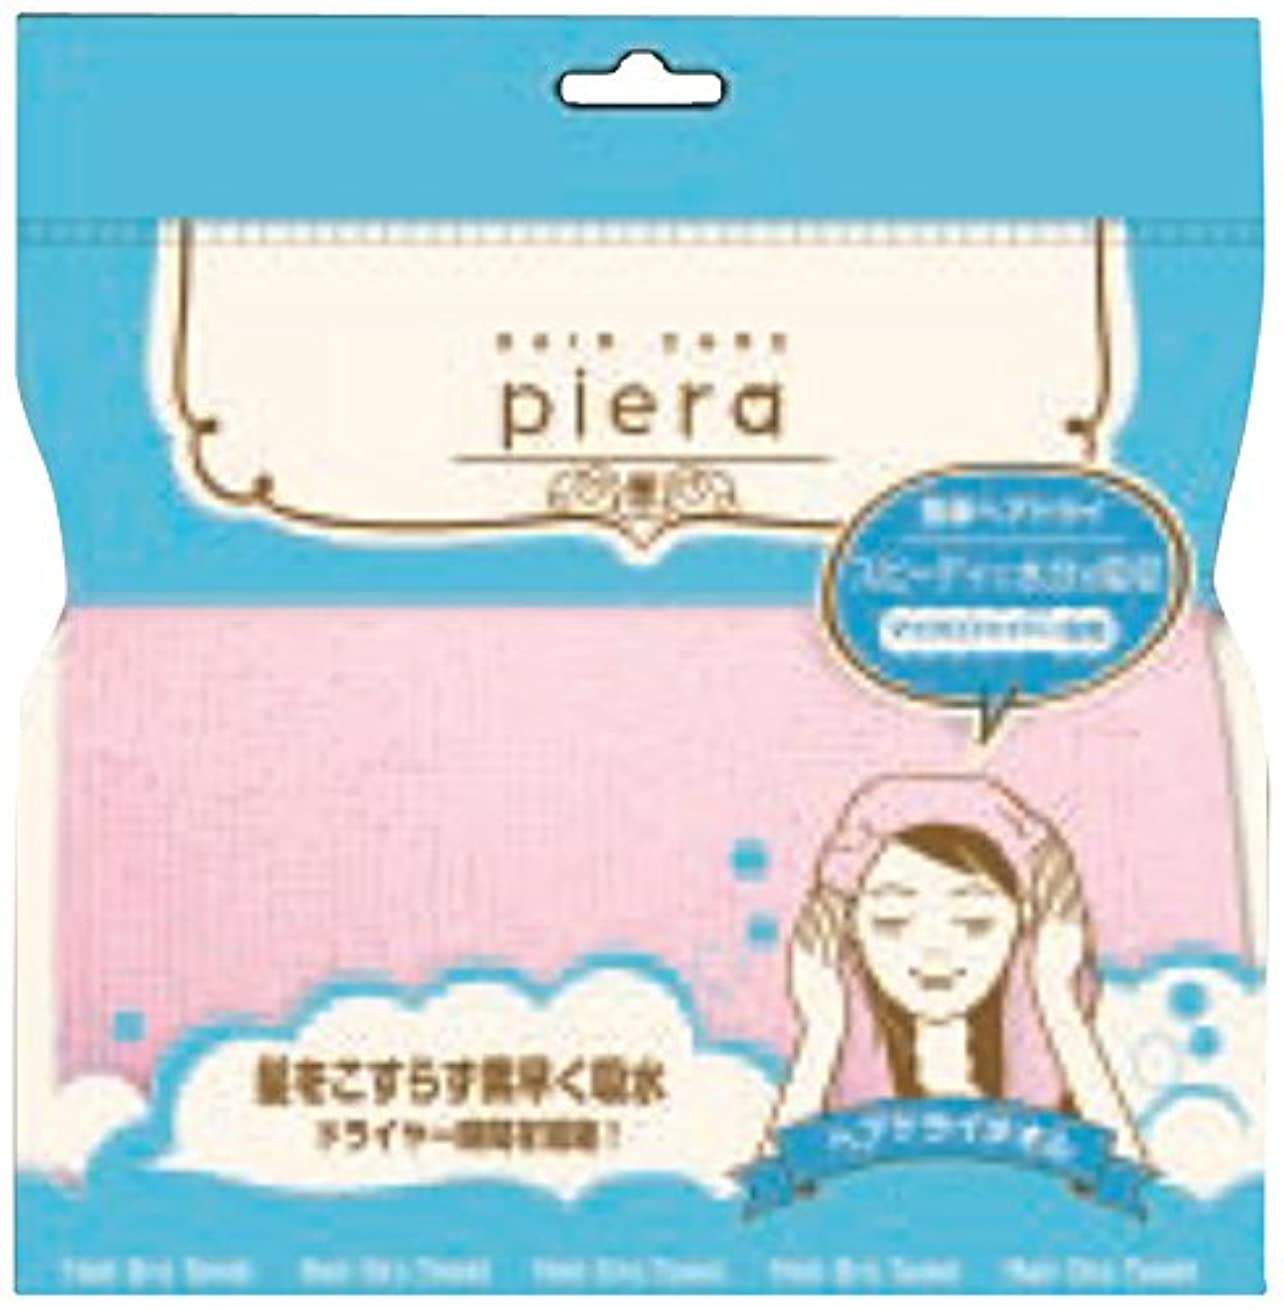 不愉快にマオリ拒絶するpiera(ピエラ) ヘアドライタオル (PIE701E)